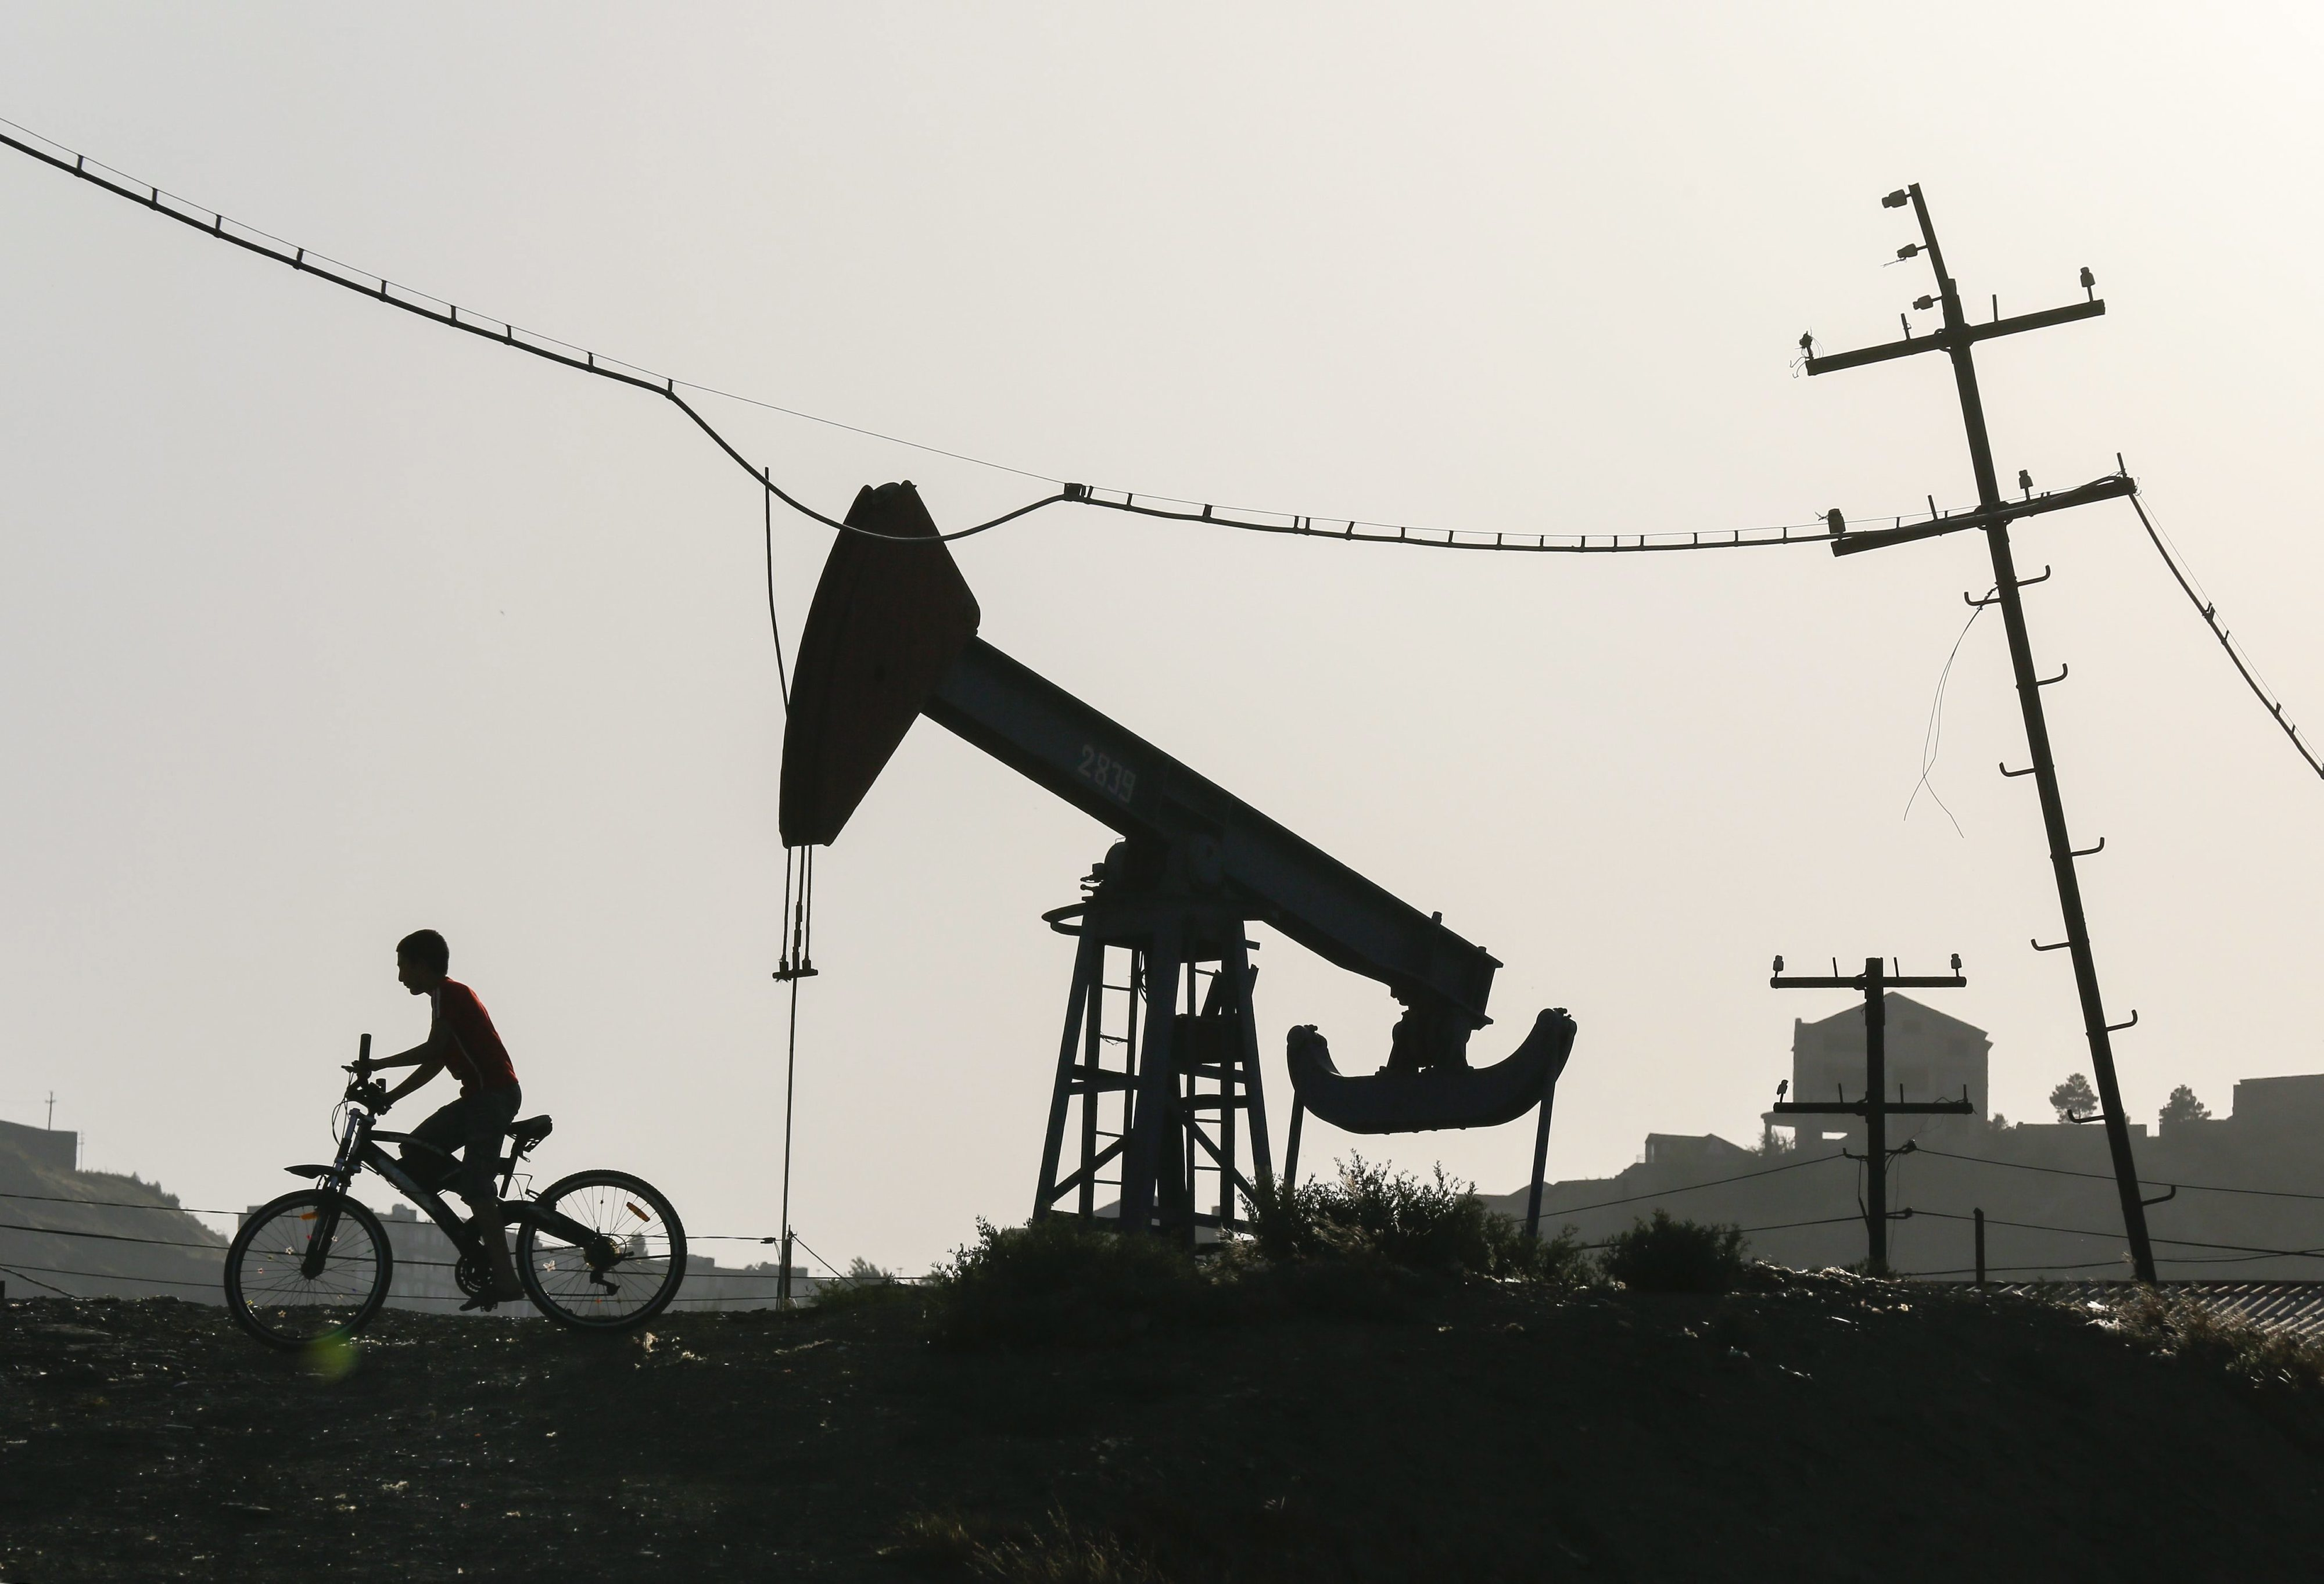 Pelo menos 18 mortos num incêndio num poço de petróleo ilegal na Indonésia